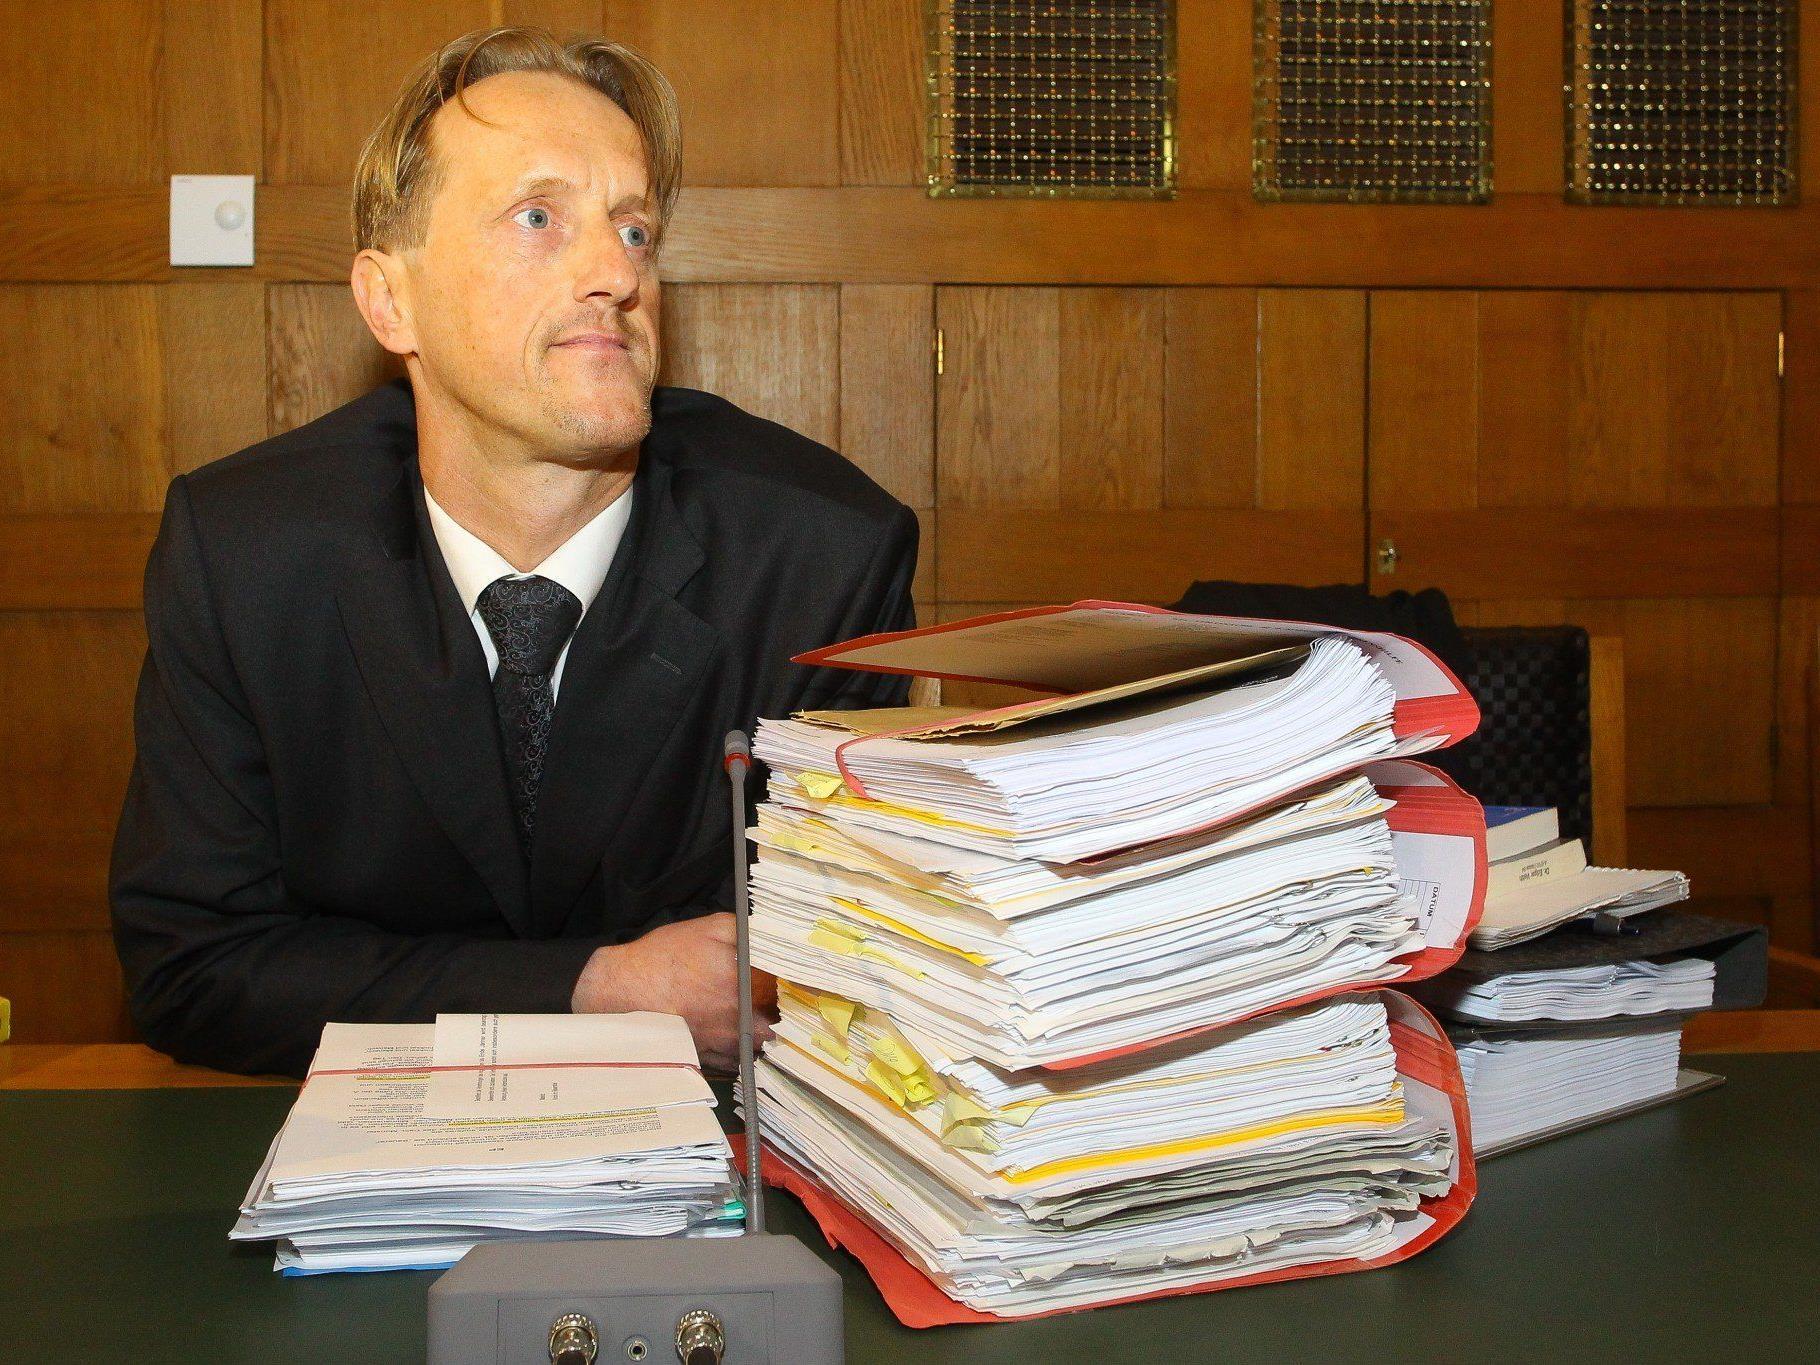 Anwalt Veith: Gemeinde Dalaas muss Zufahrt zu seinem Elternhaus über Skipiste ermöglichen.